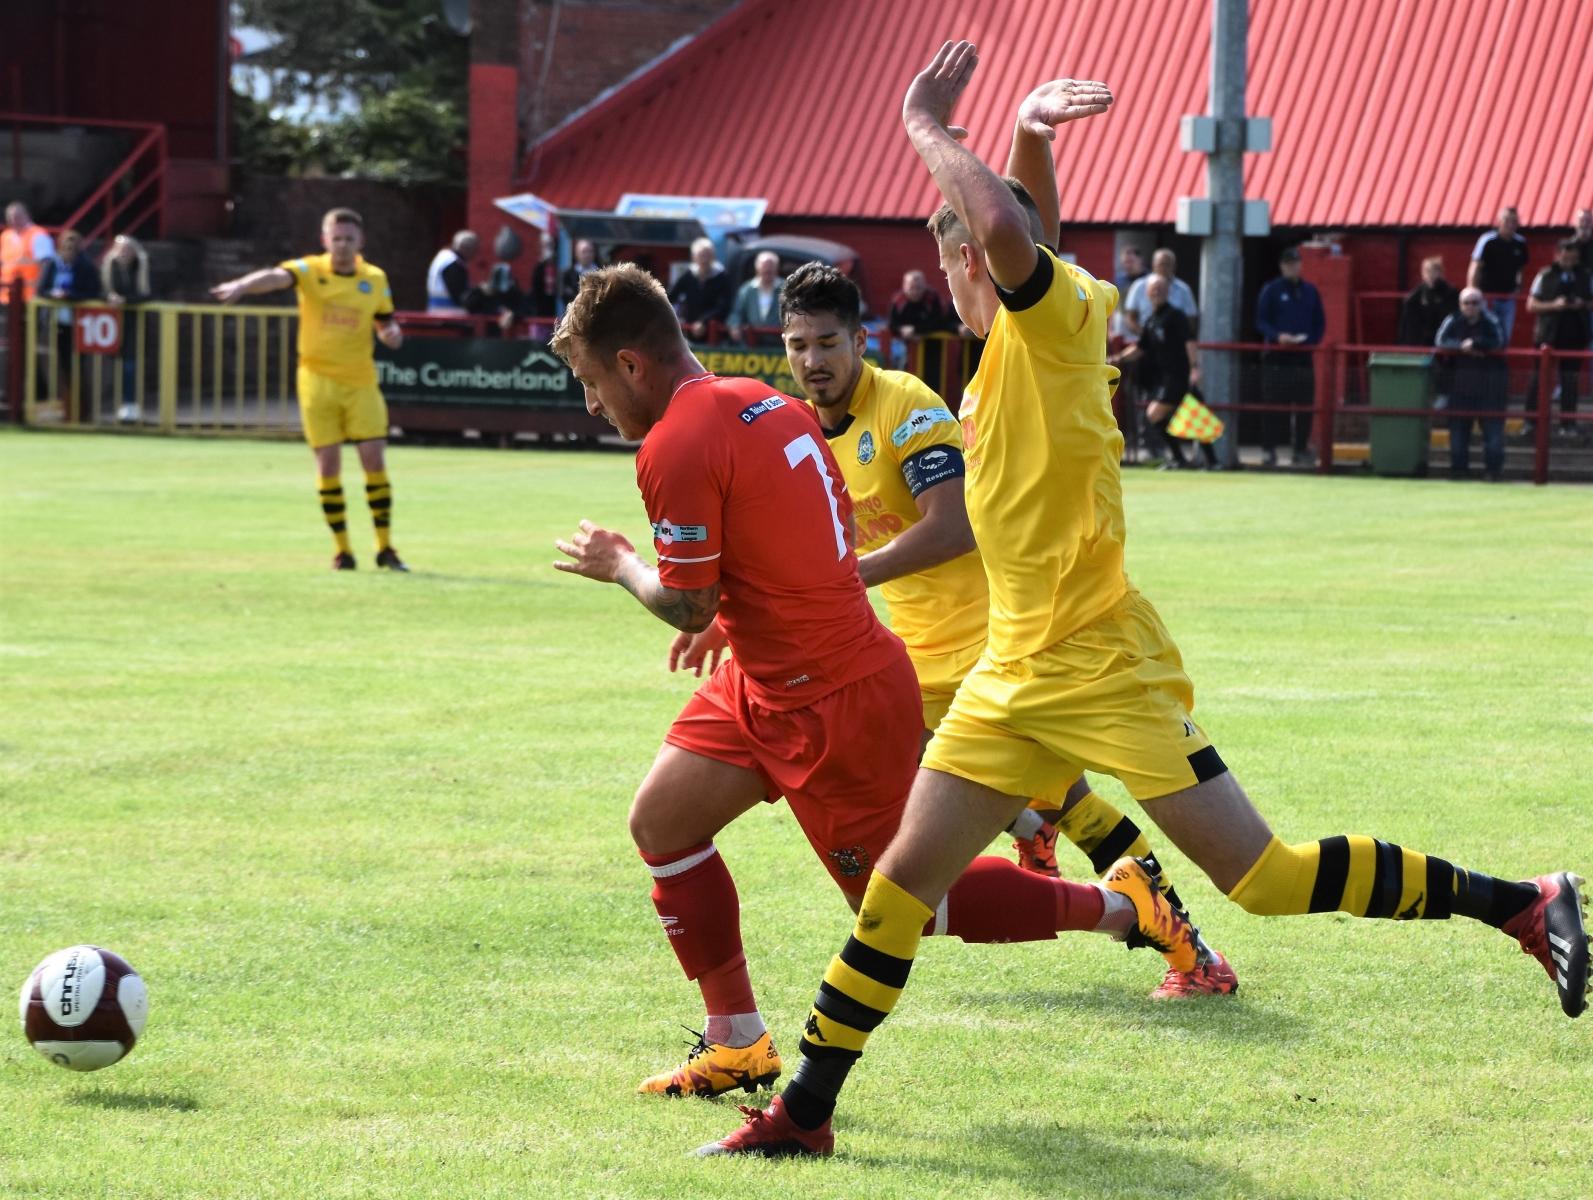 Workington-Reds-v-Pickering-Town-Ben-Challis-11